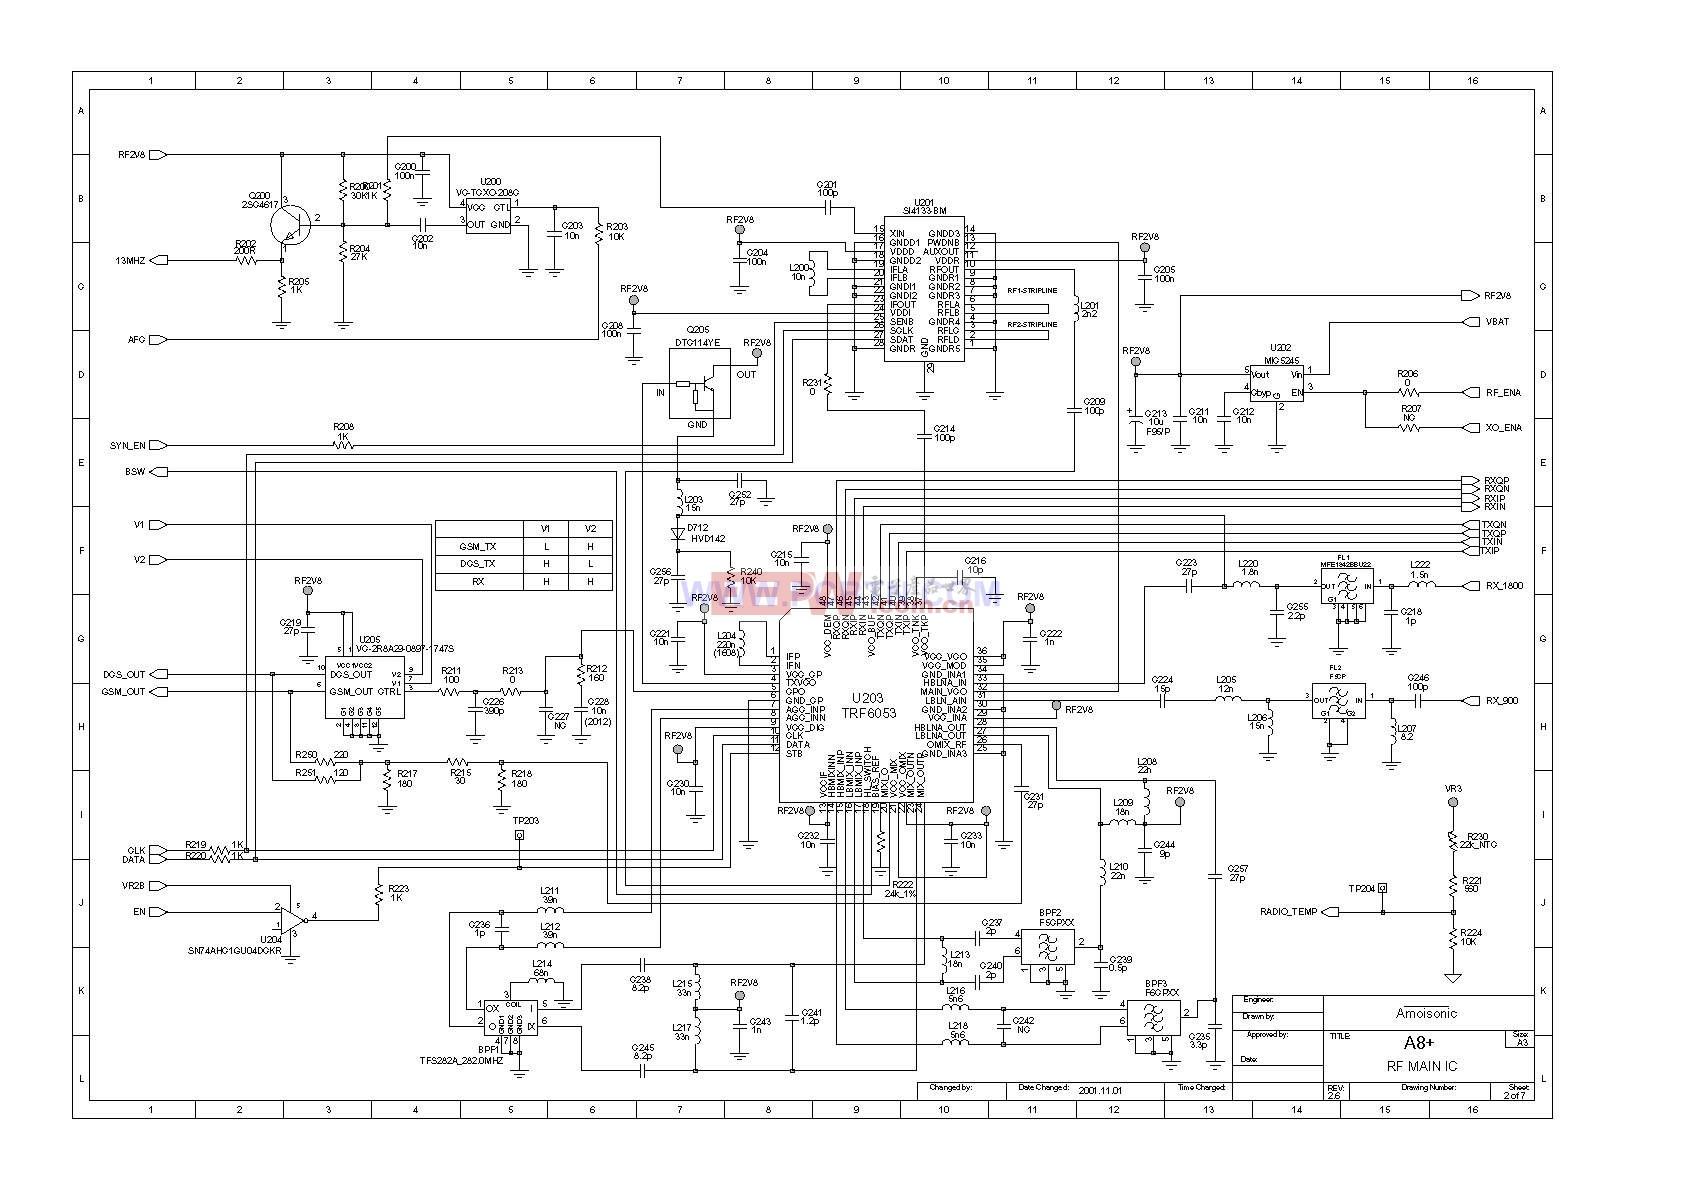 基带芯片组均采用小体积的bga封装,其他的贴片阻容电感等器件均尽量